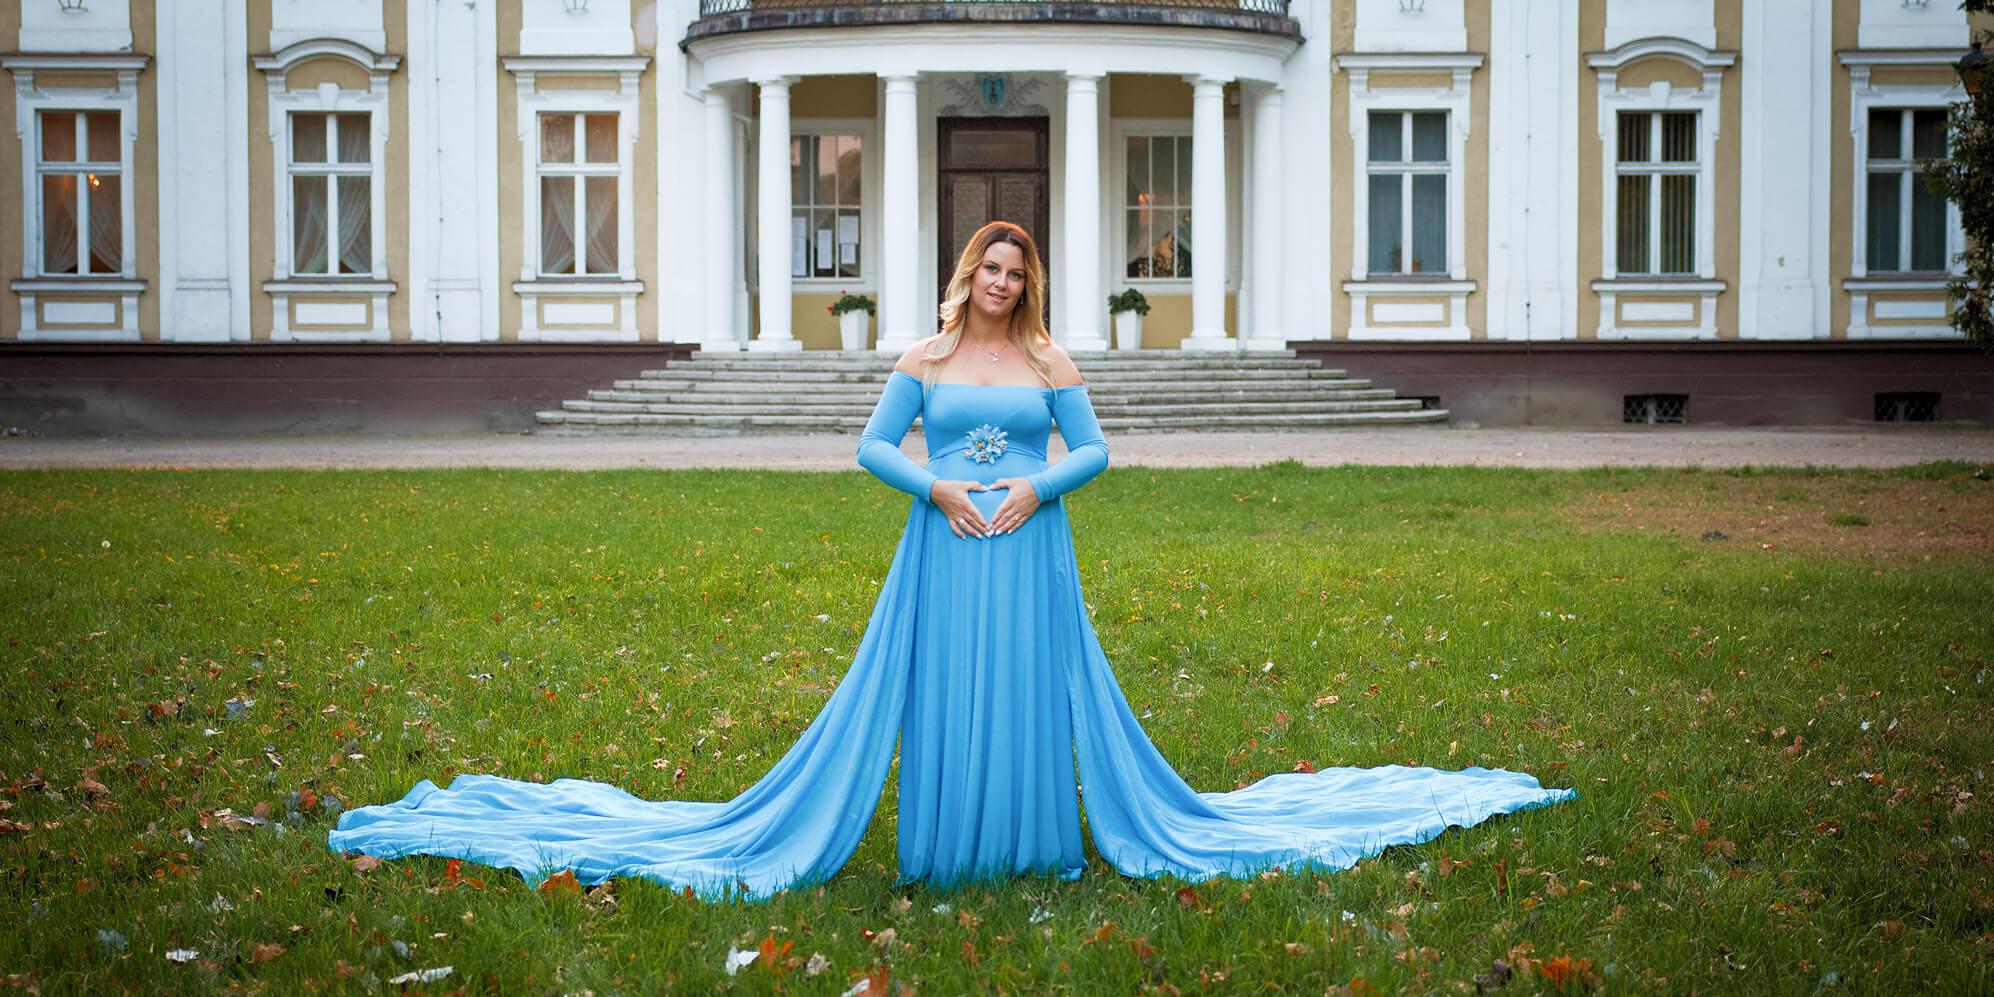 Sesja ciążowa w plenerze. Błękitna suknia. Fotograf Szamotuły